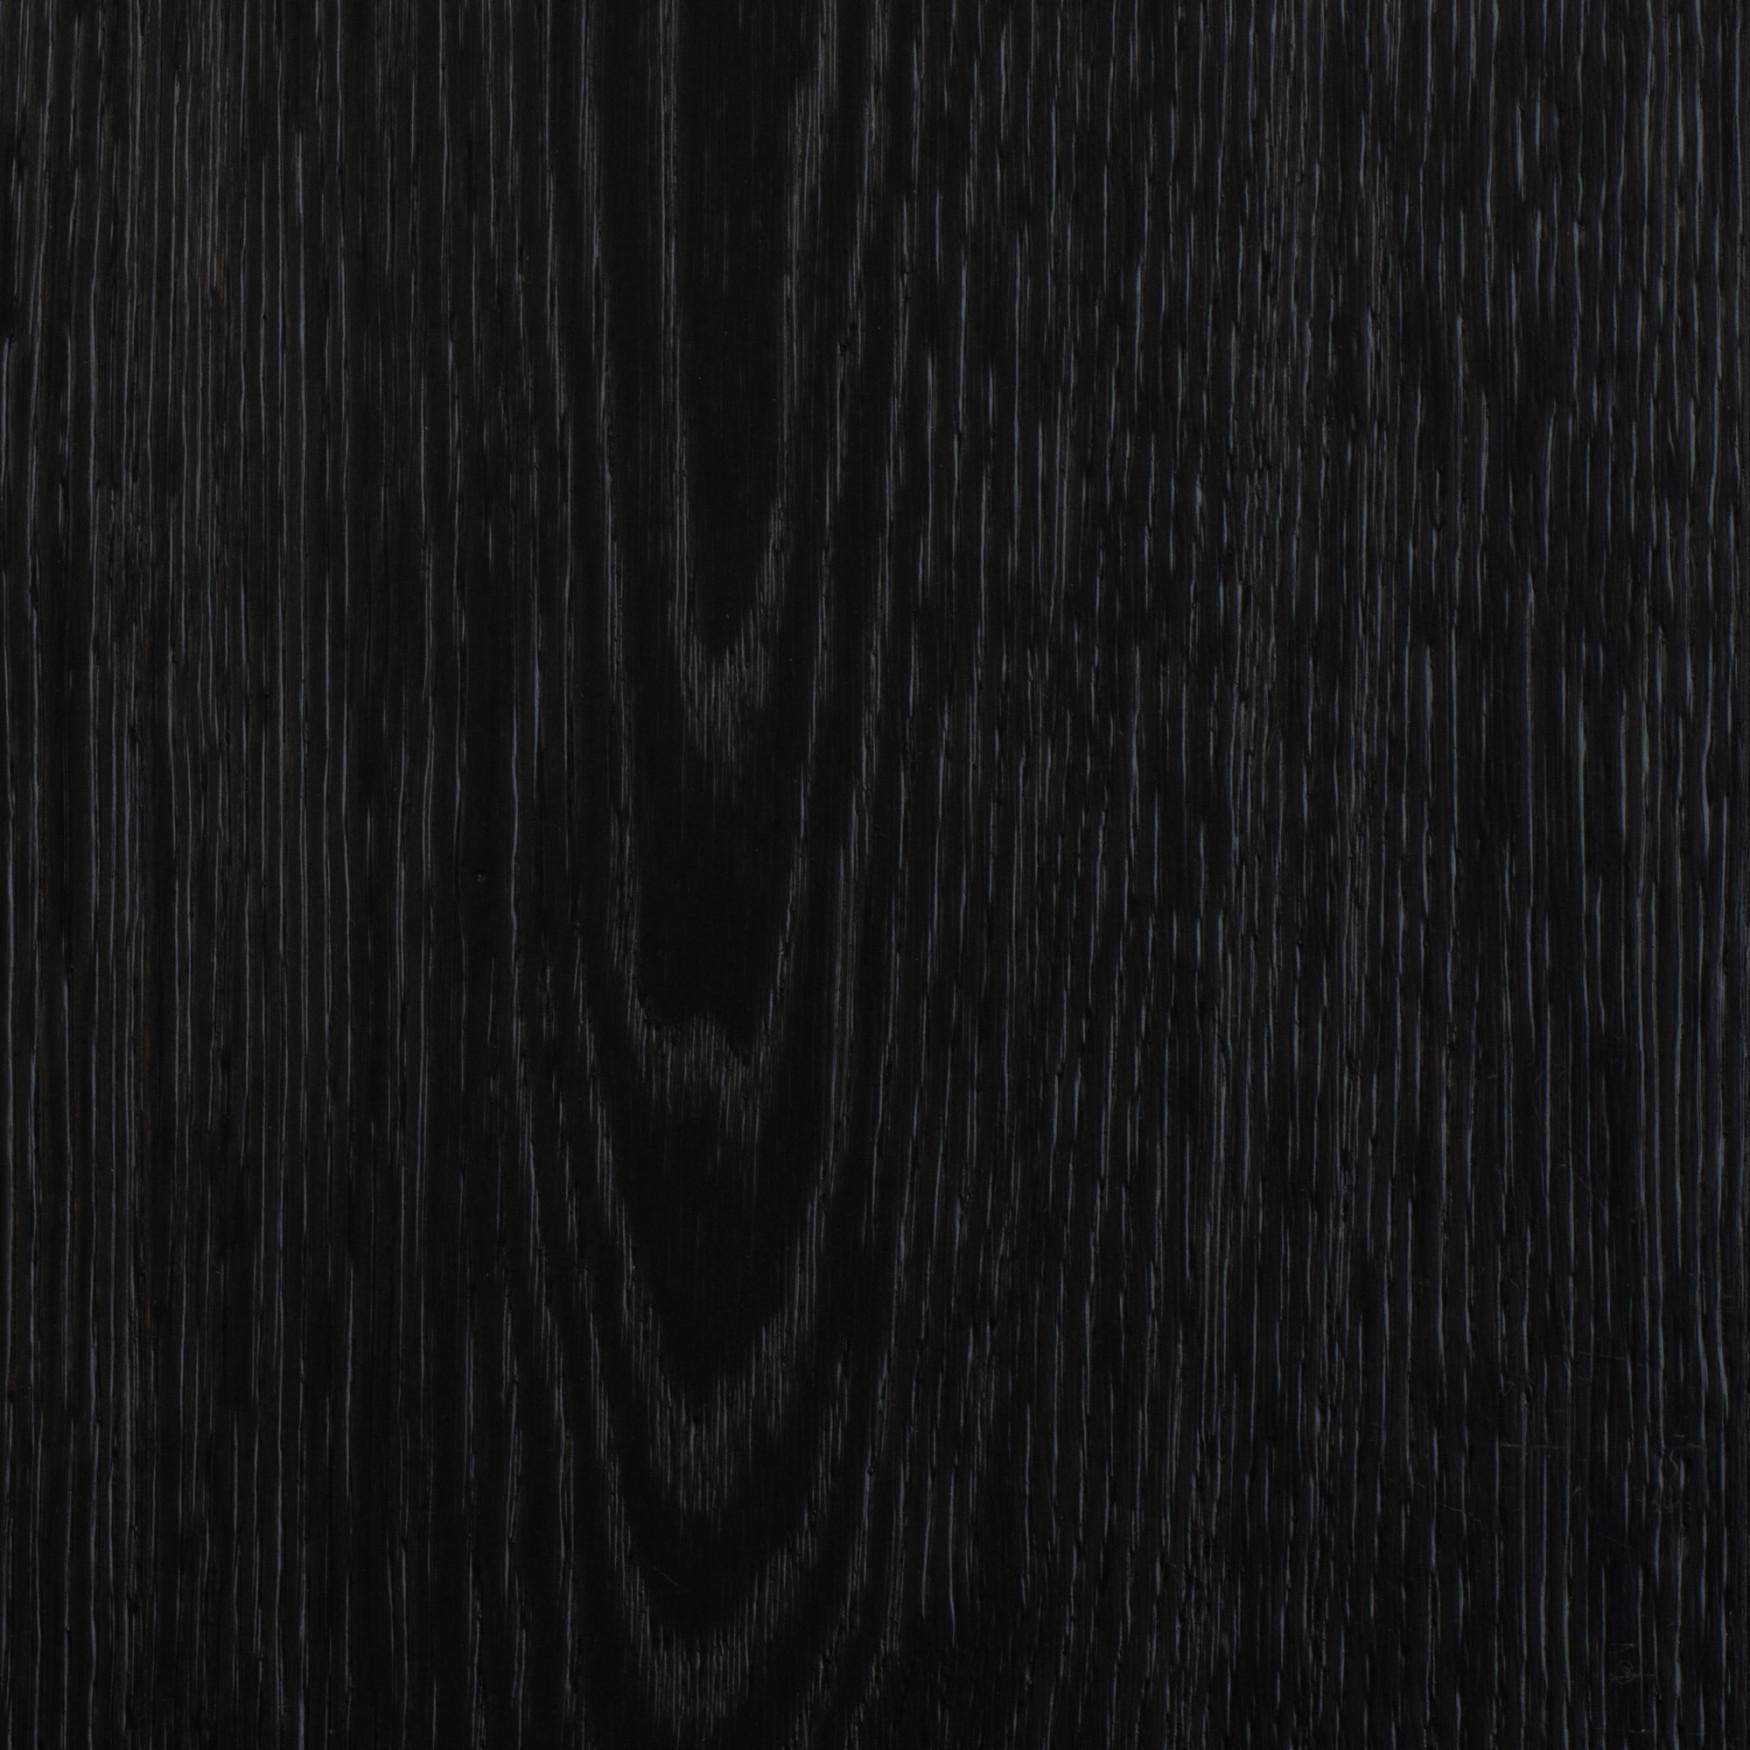 Element7-wide-plank-samples-Black-Oak-10g-2